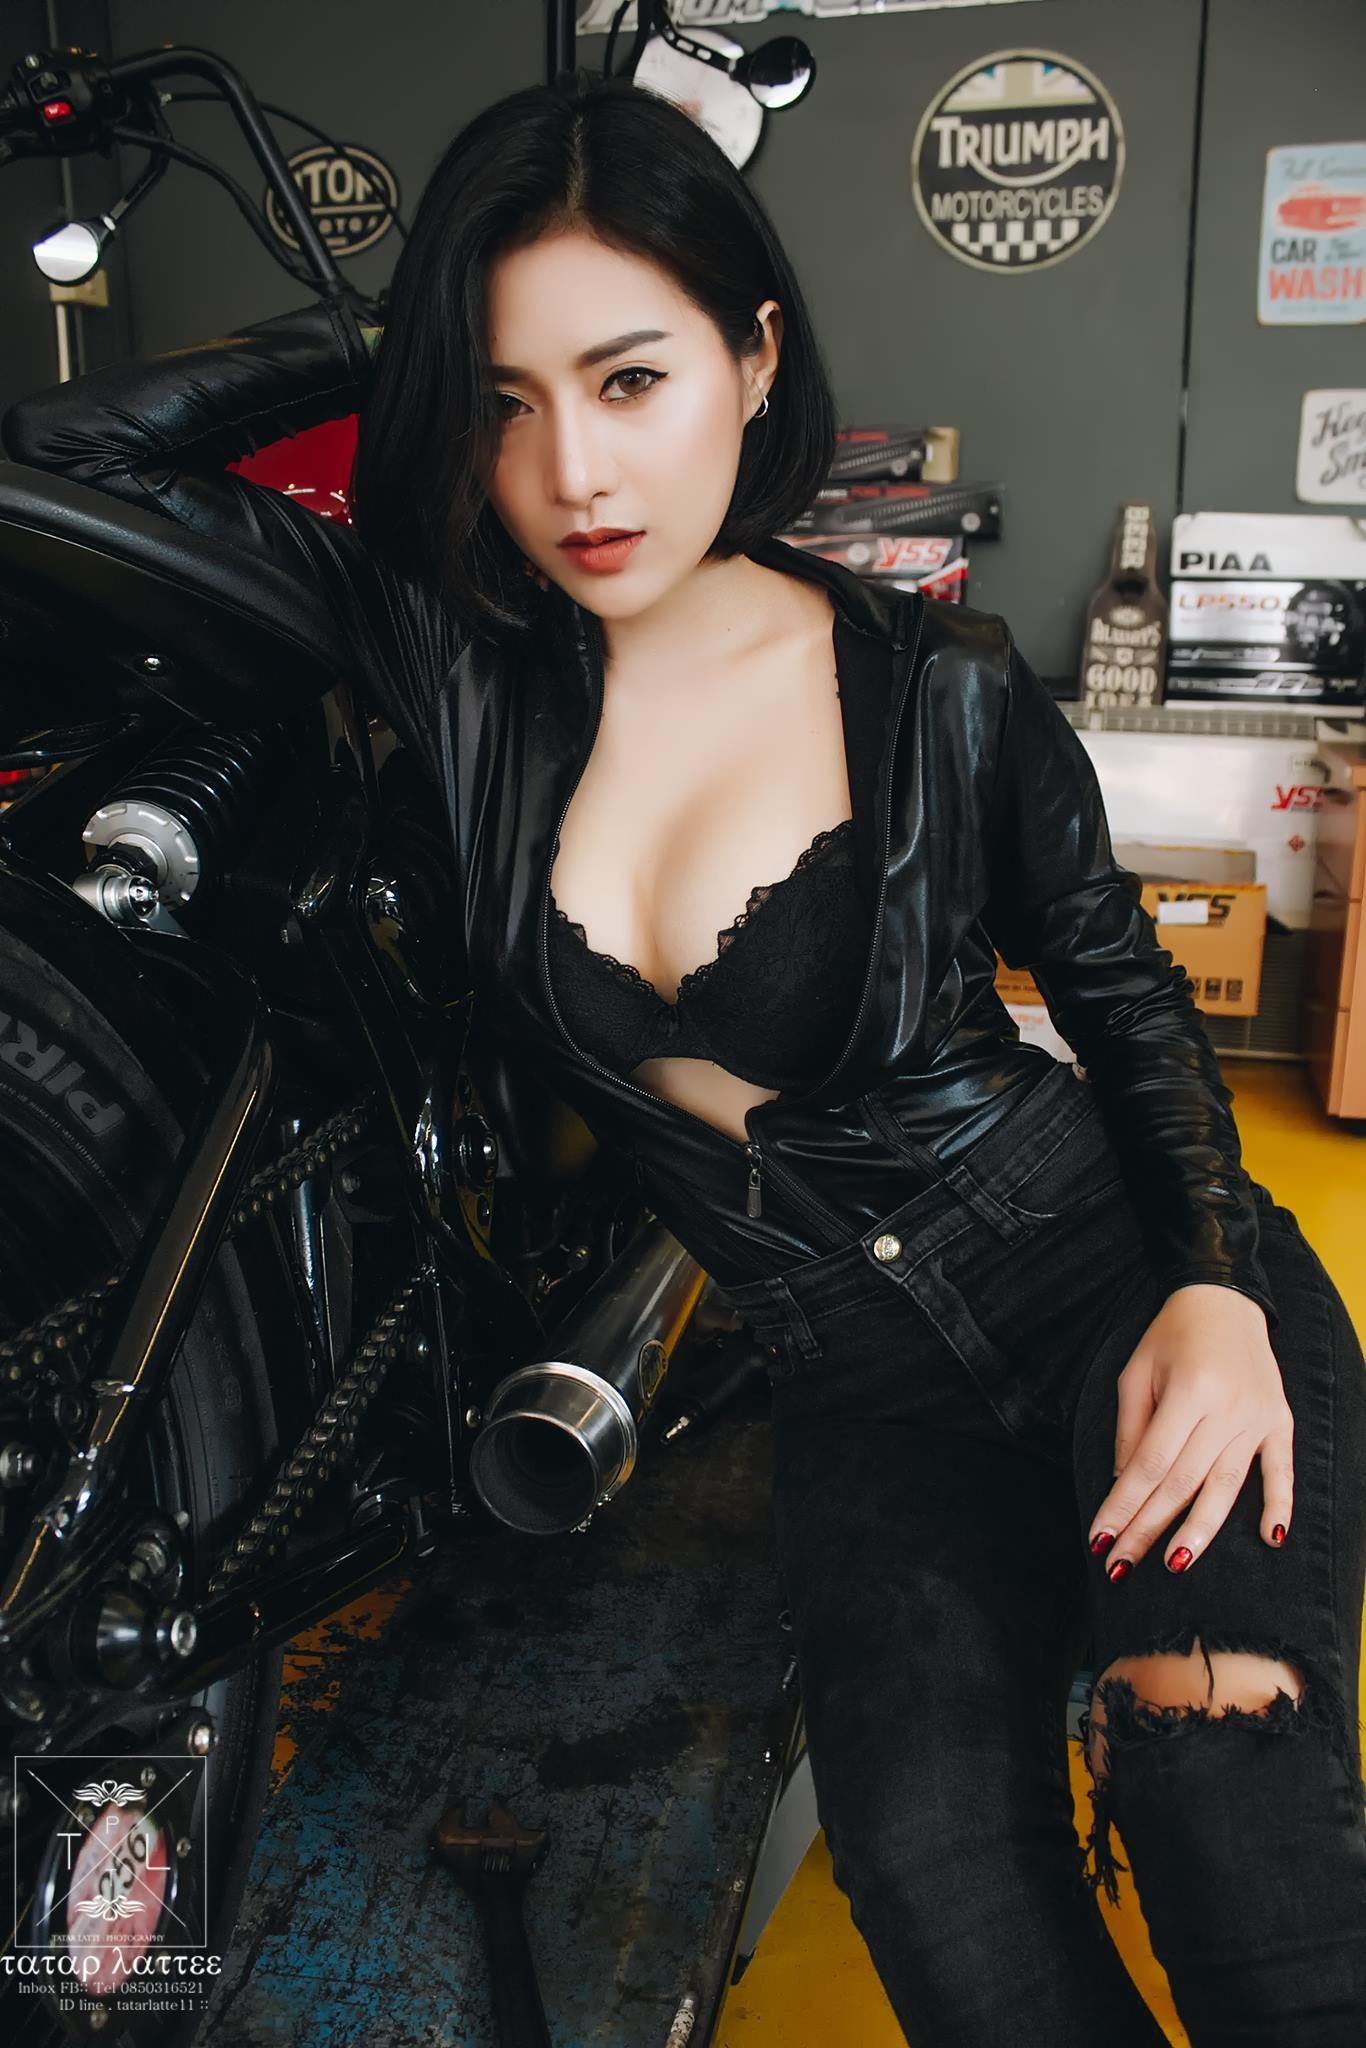 """Nữ biker """"vô tình"""" lộ vòng 1 nóng bỏng trong khi kiểm tra mô tô - 3"""